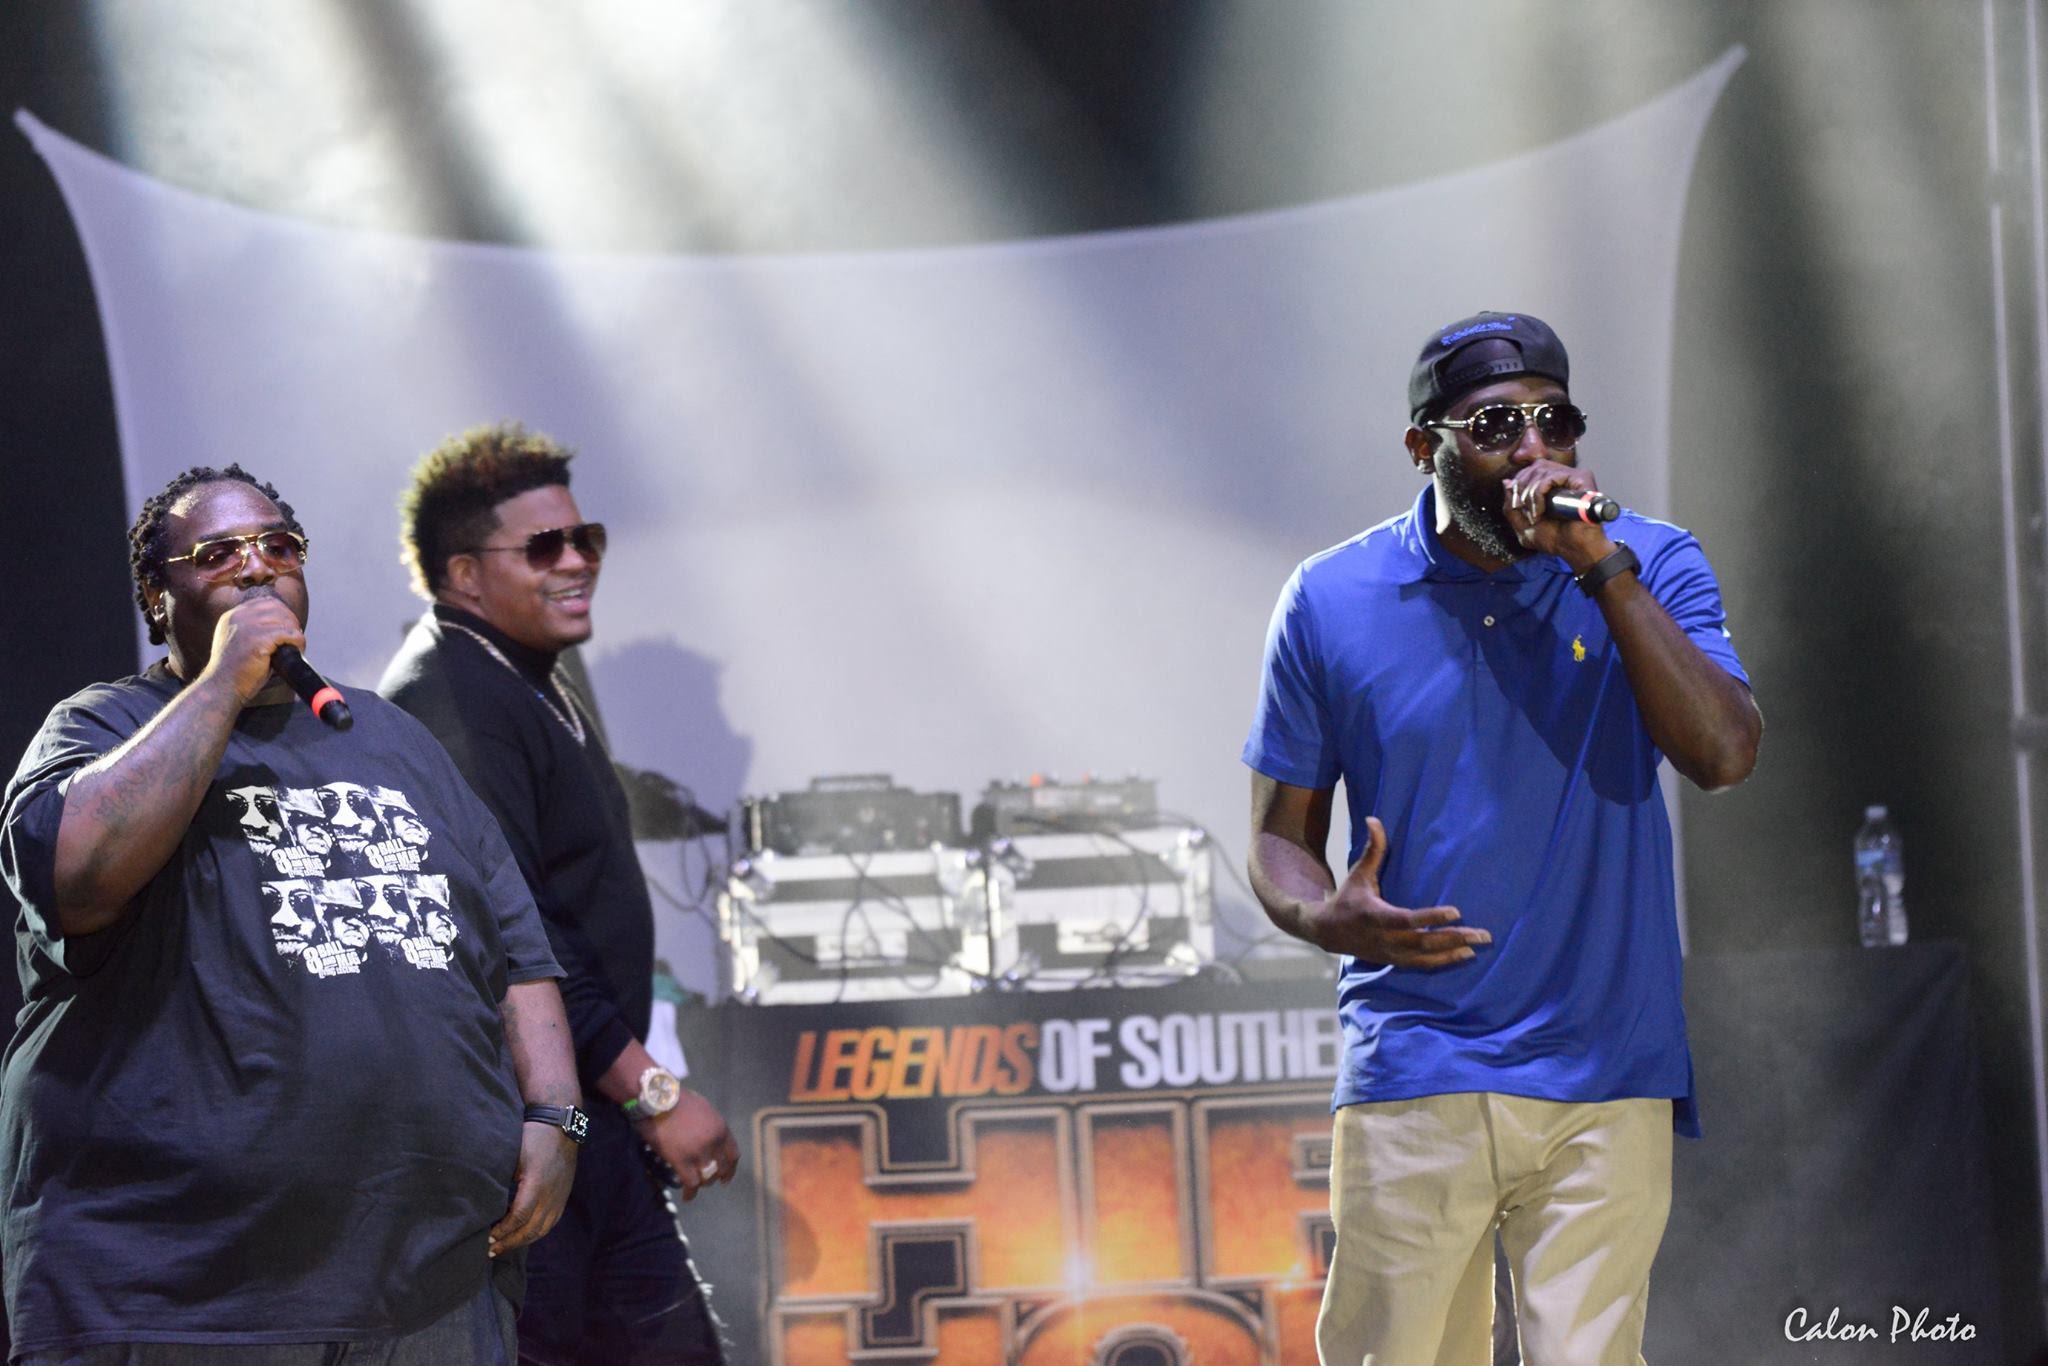 8BallandMJG-Legends-of-Southern-Hip-Hop-4.jpg